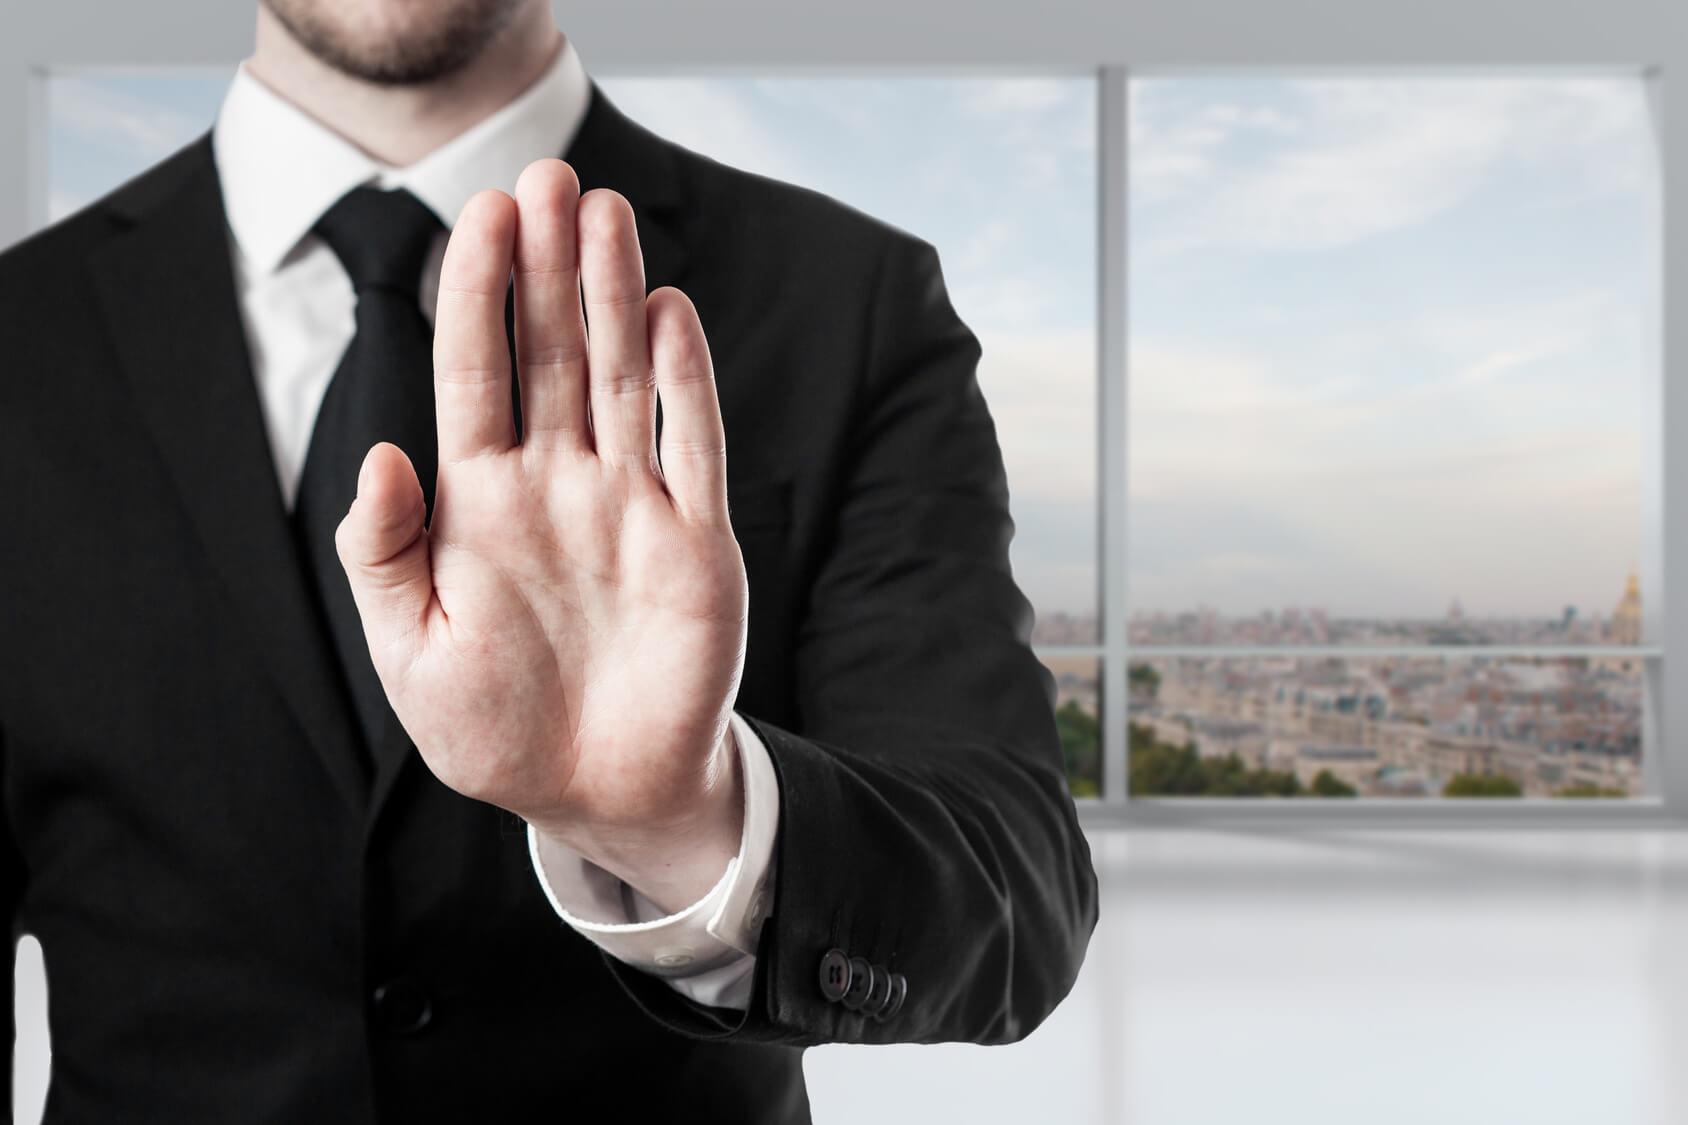 Ablehnen jobangebot muster höflich Angebot ablehnen: